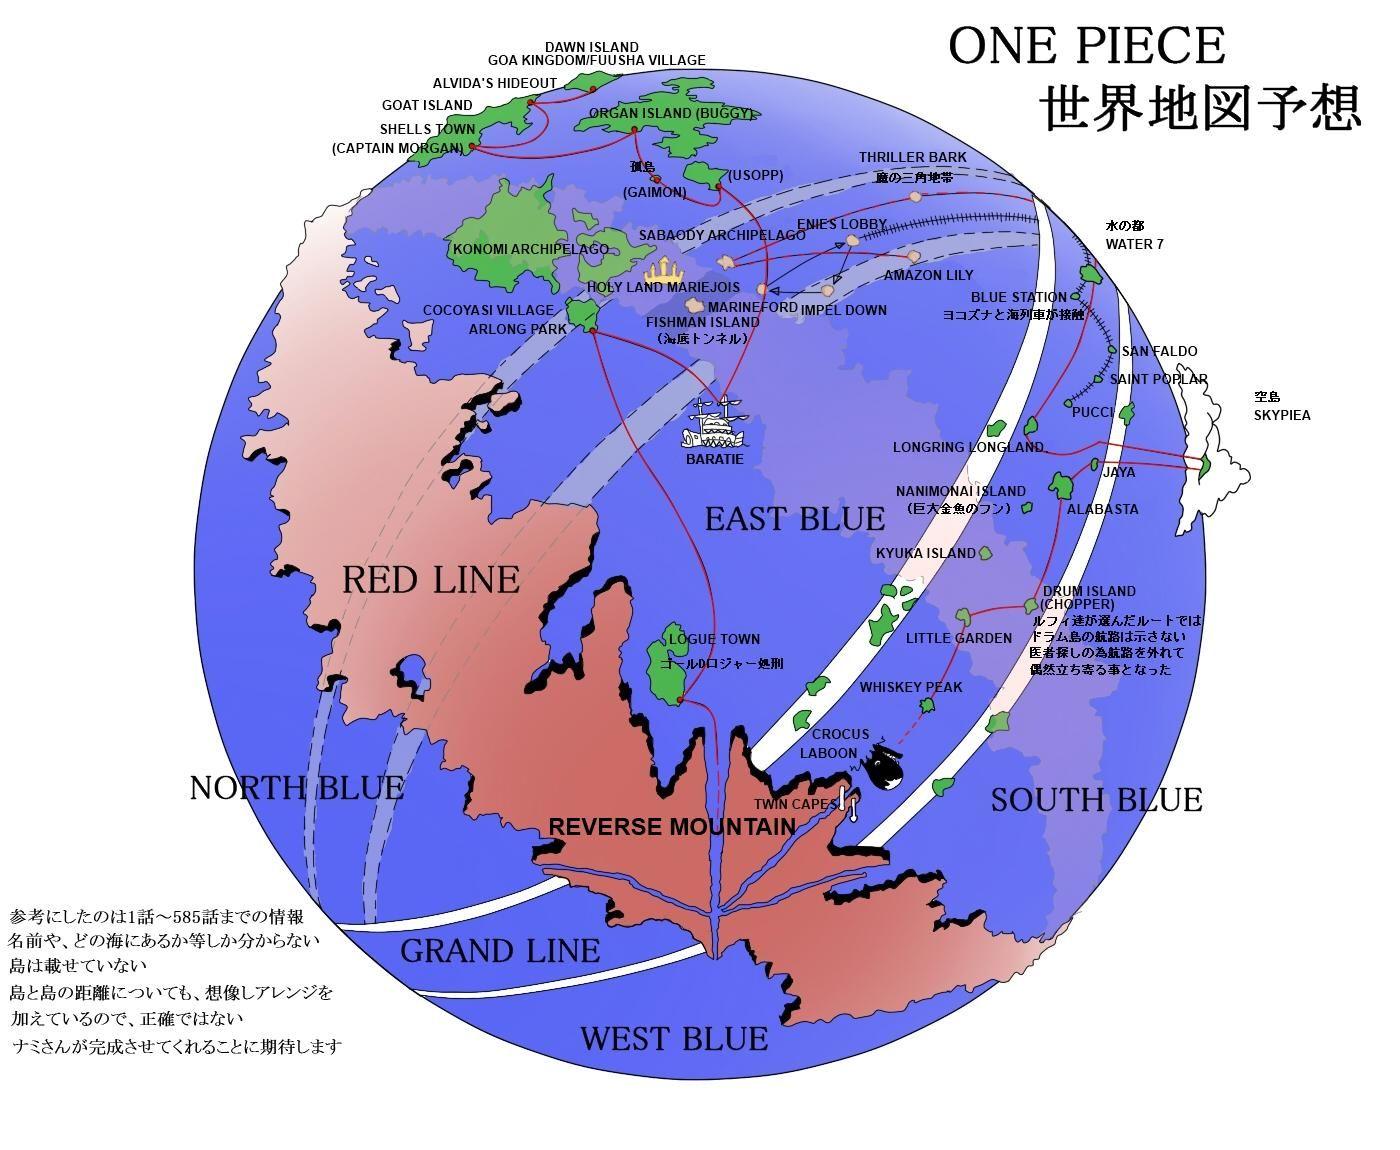 One Piece World Map One Piece Theories One Piece World One Piece Anime